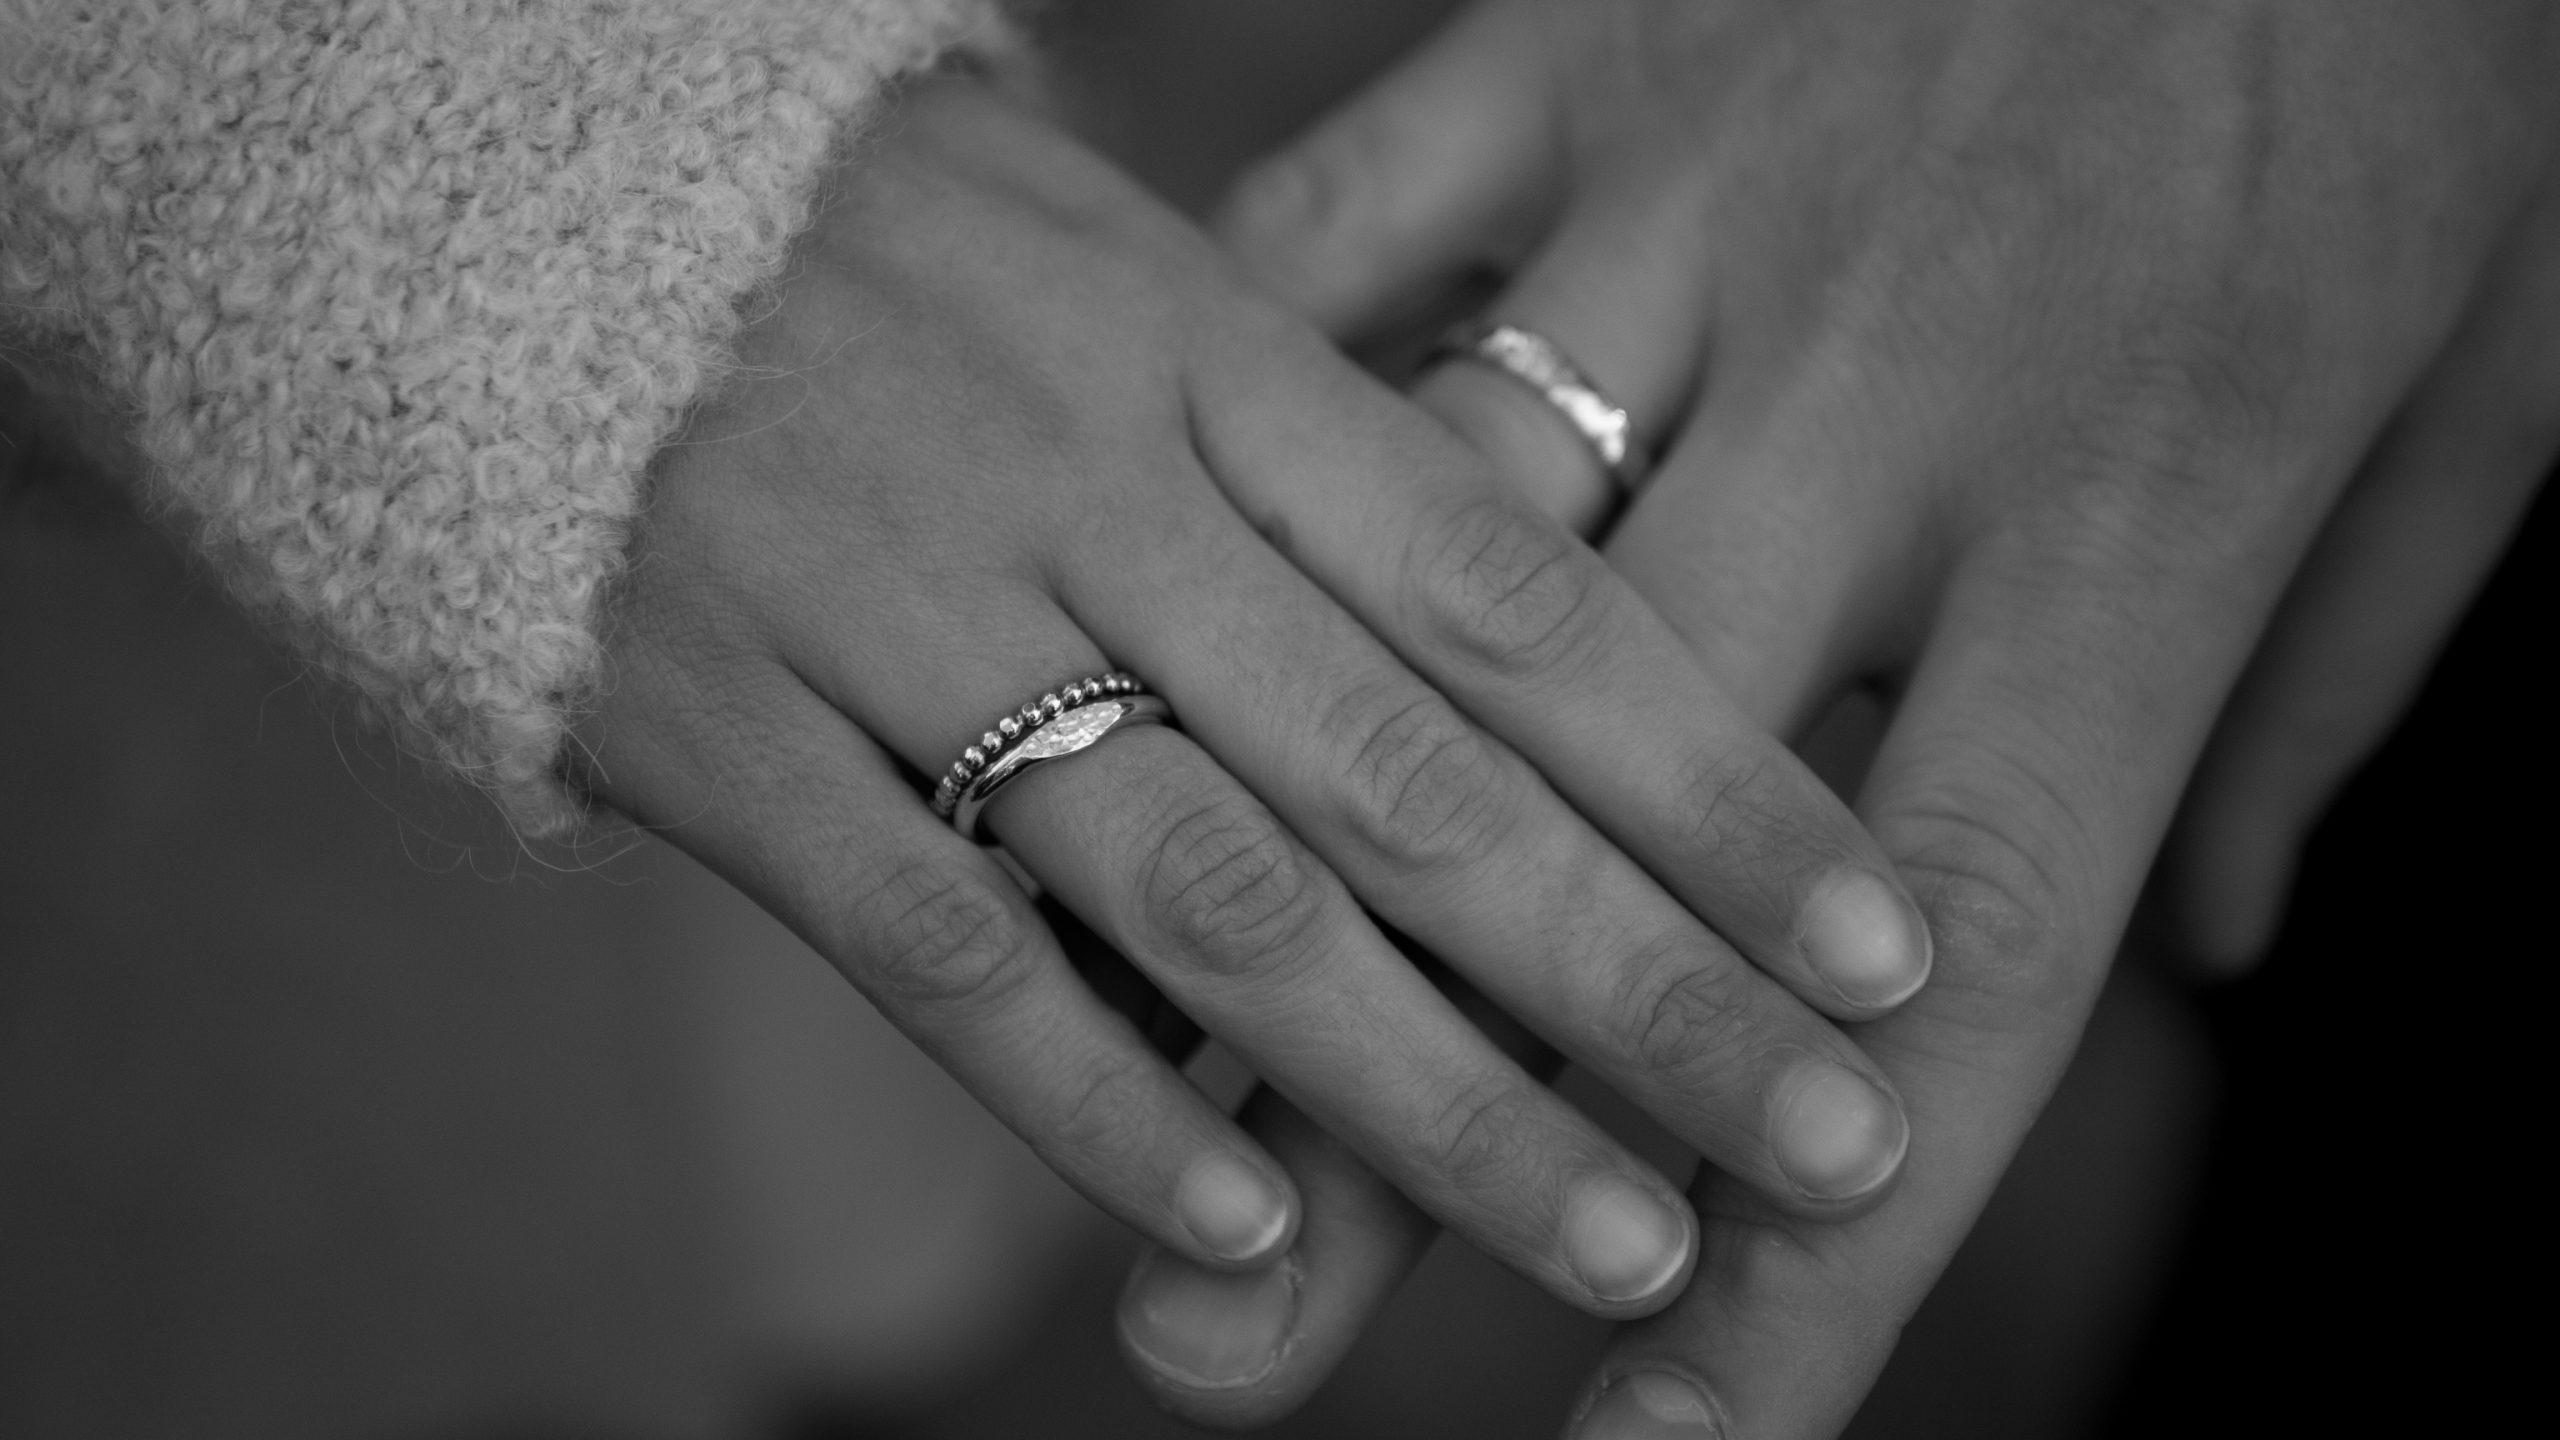 Brautpaar Eheringe Nahaufnahme